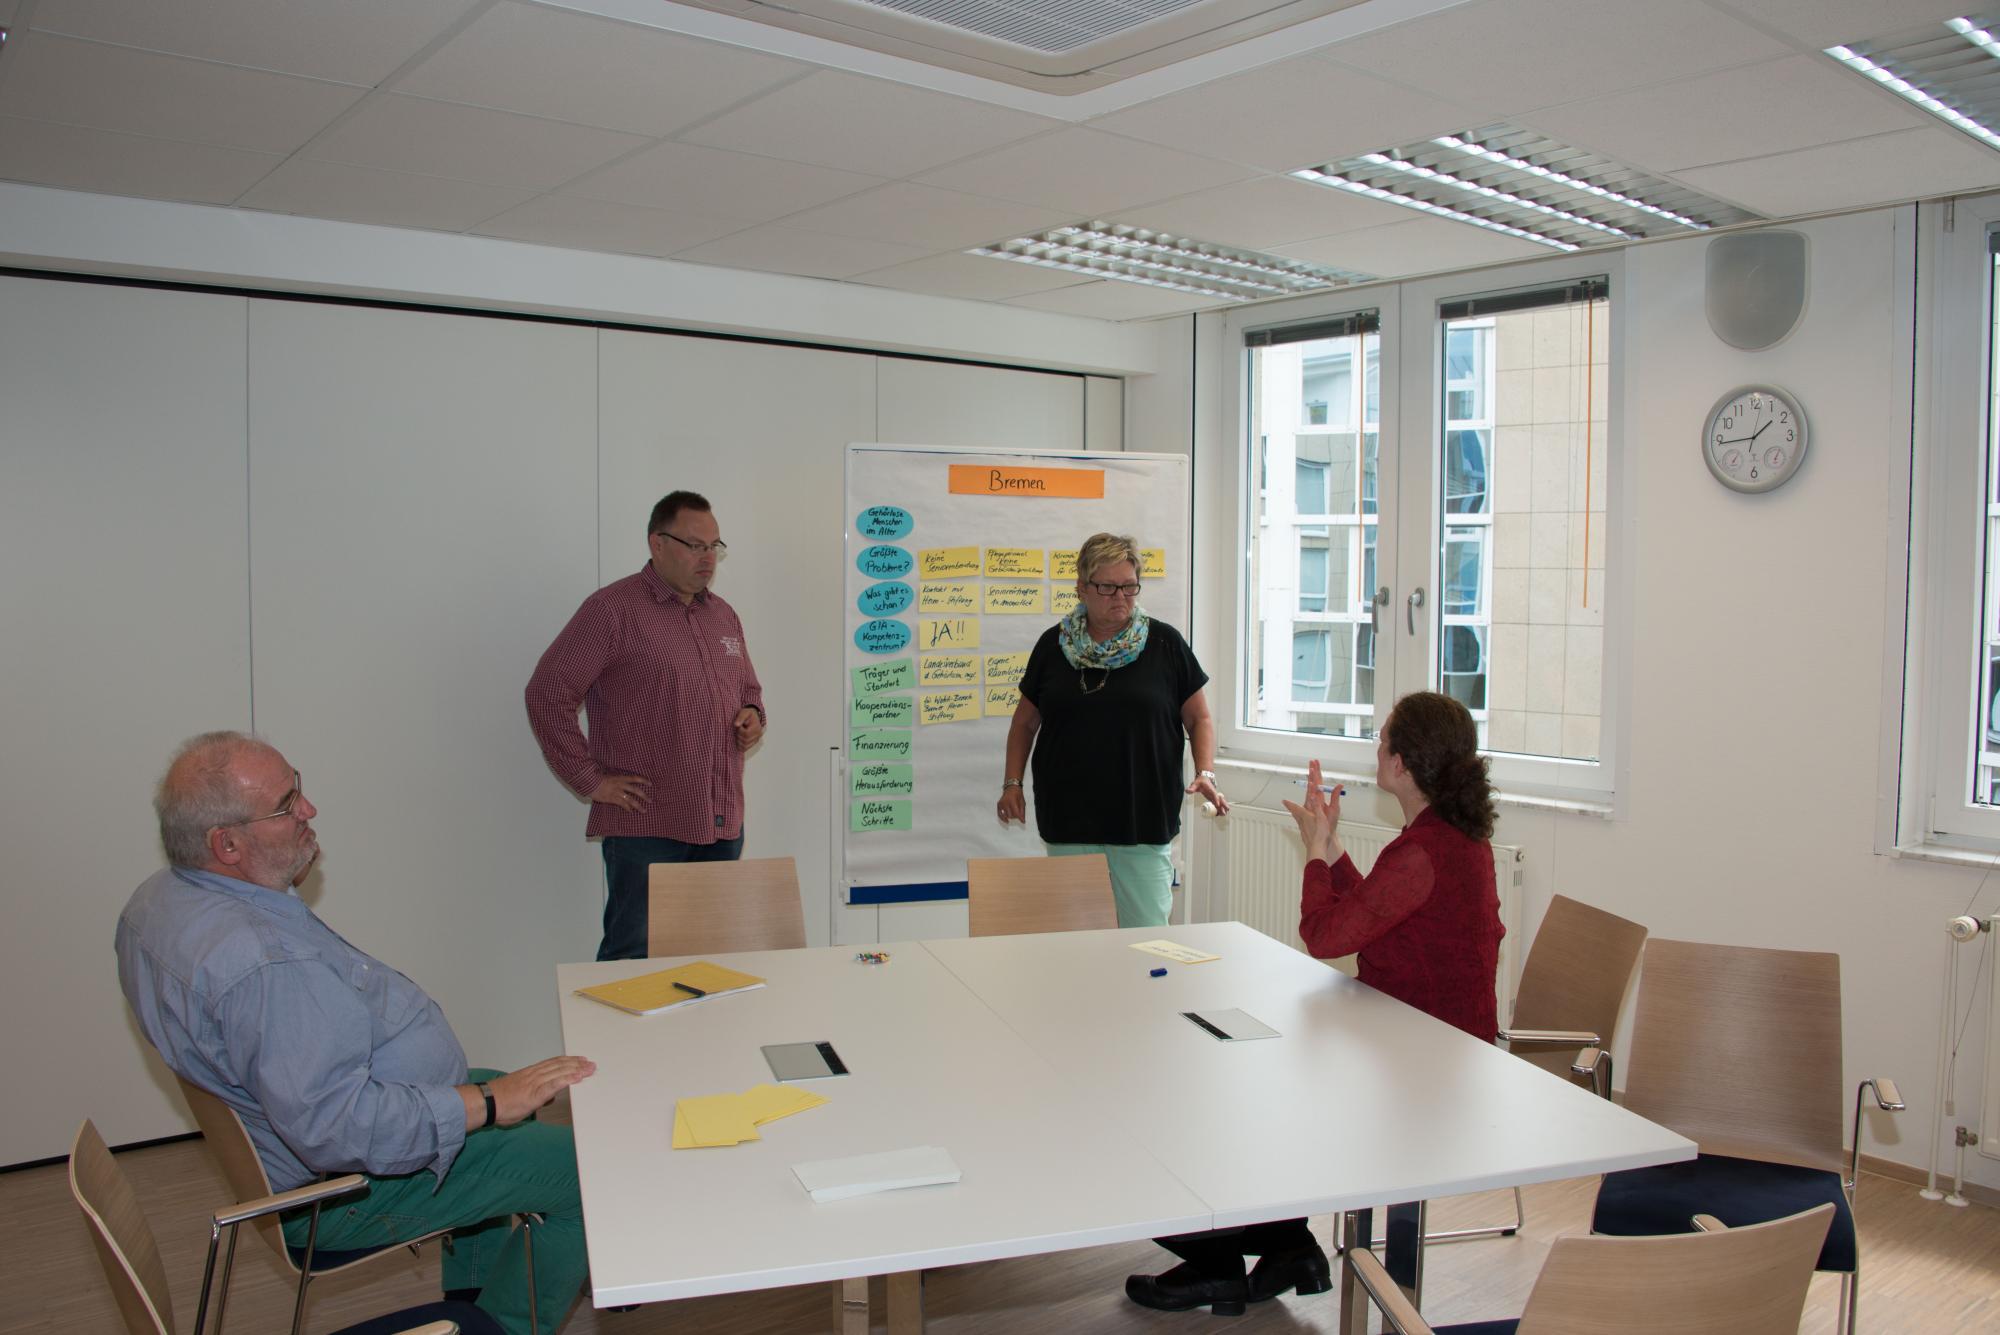 Martin Domke, Patrick George, Sabine Schöning und Angelika Gorn